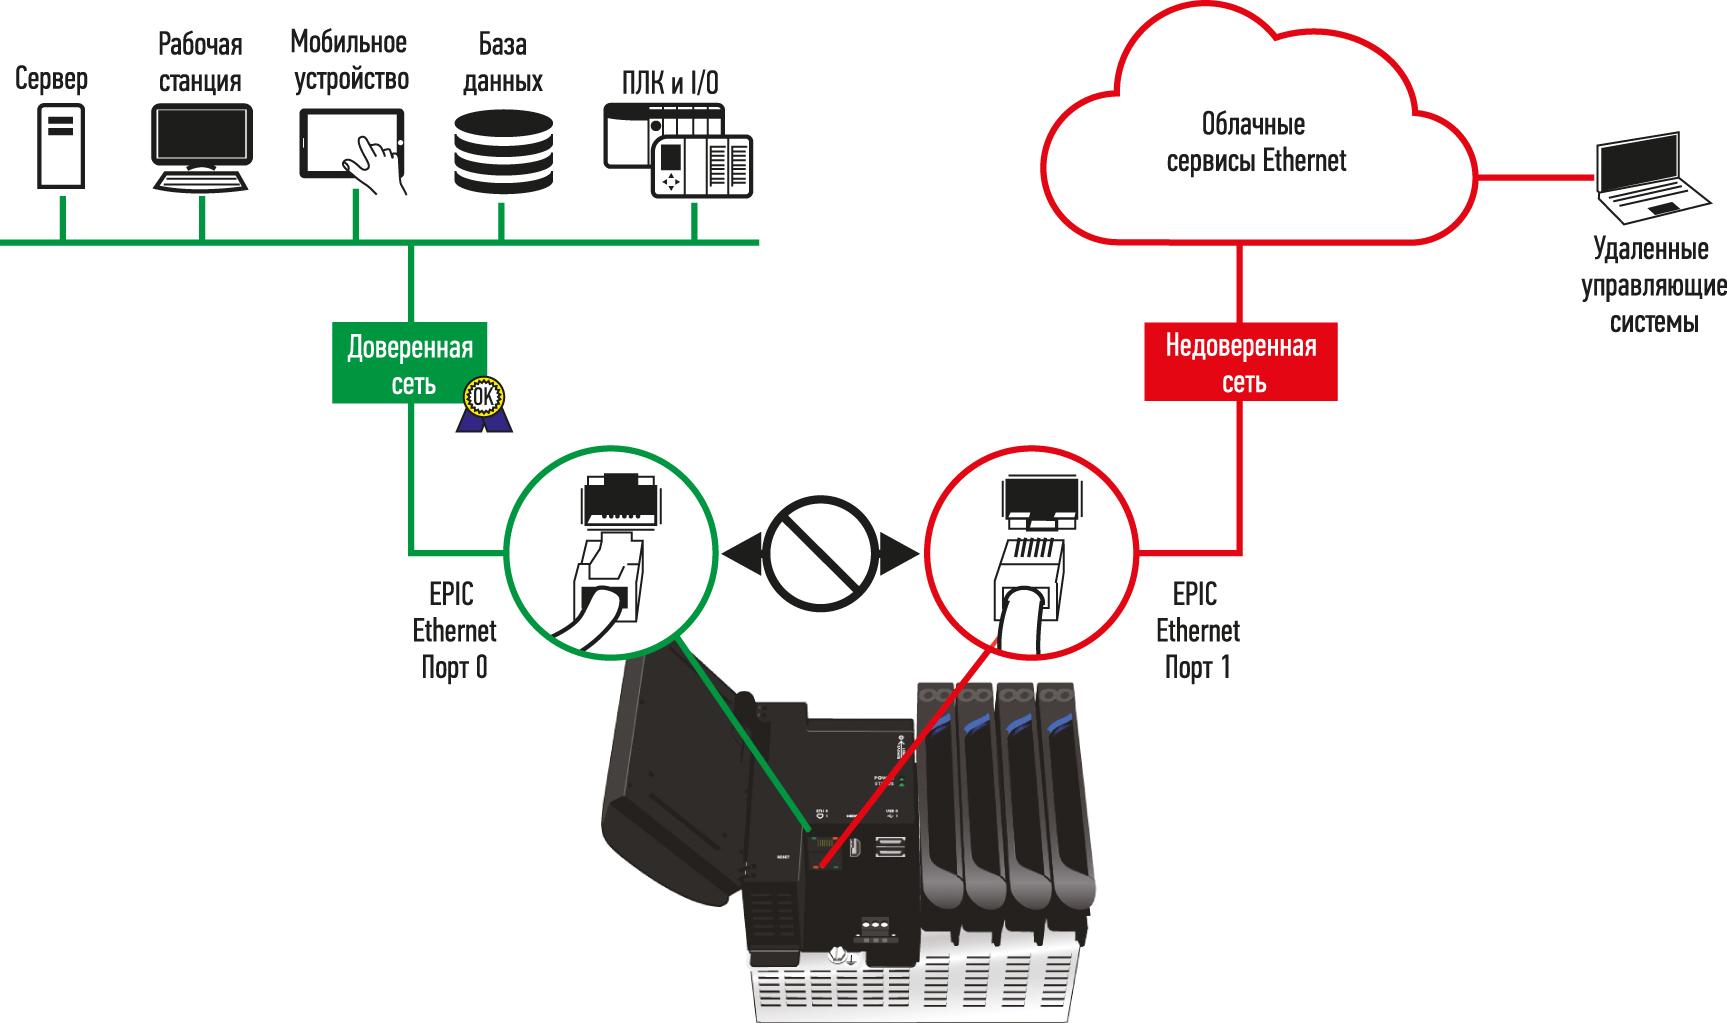 Безопасность промышленного контроллера лучше всего реализовать с несколькими сетевыми интерфейсами, которые не маршрутизируют трафик между ними, защищая локальную доверенную сеть от внешнего недоверенного доступа